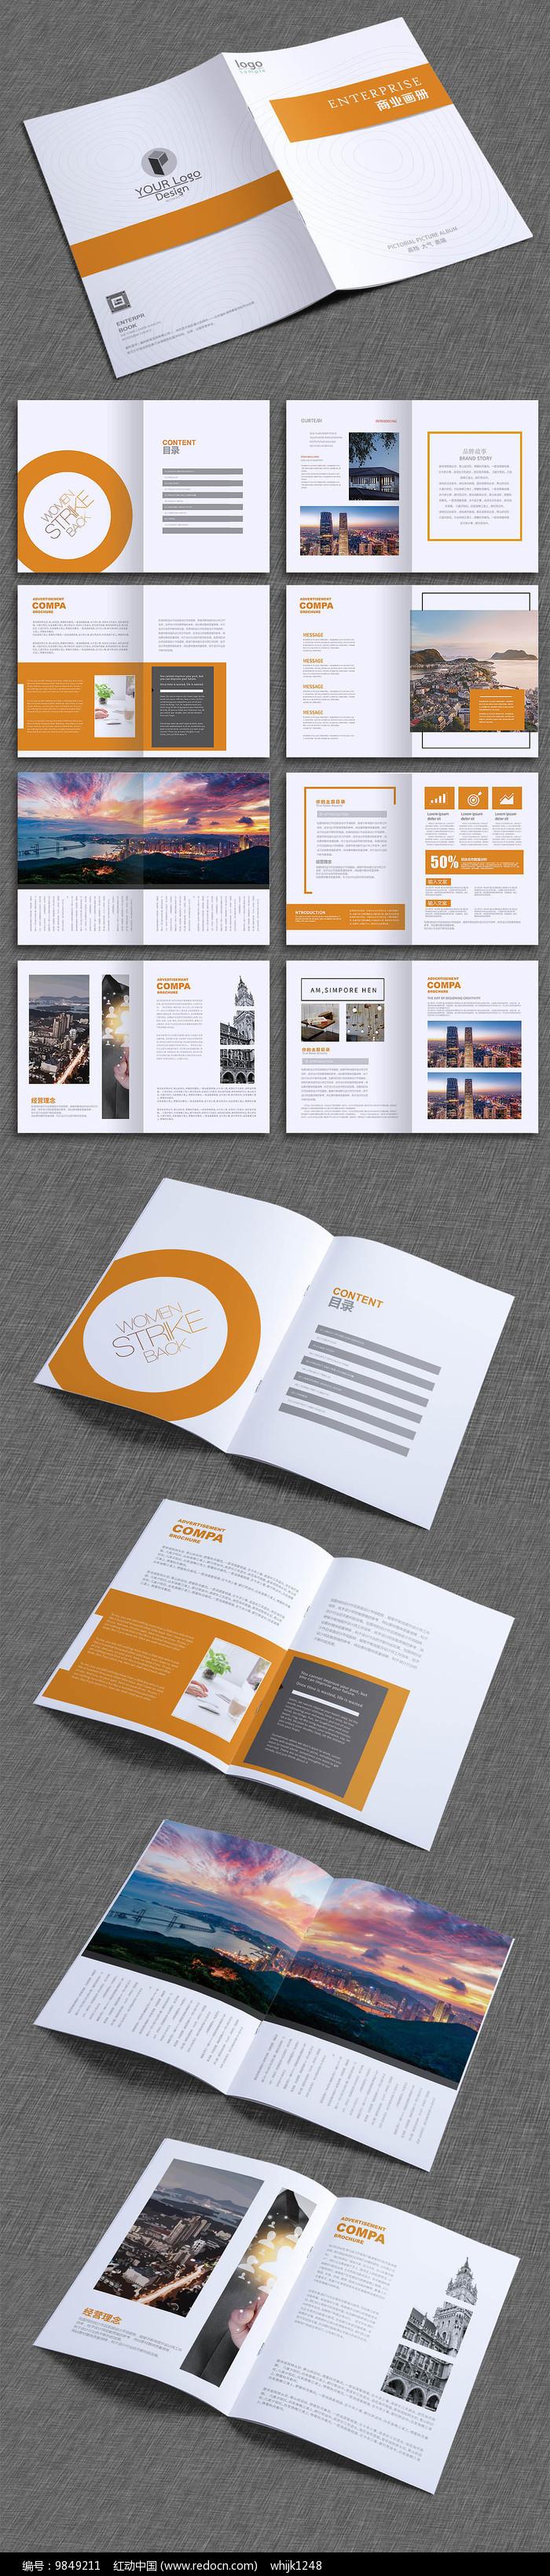 橙色简约科技企业画册宣传册图片